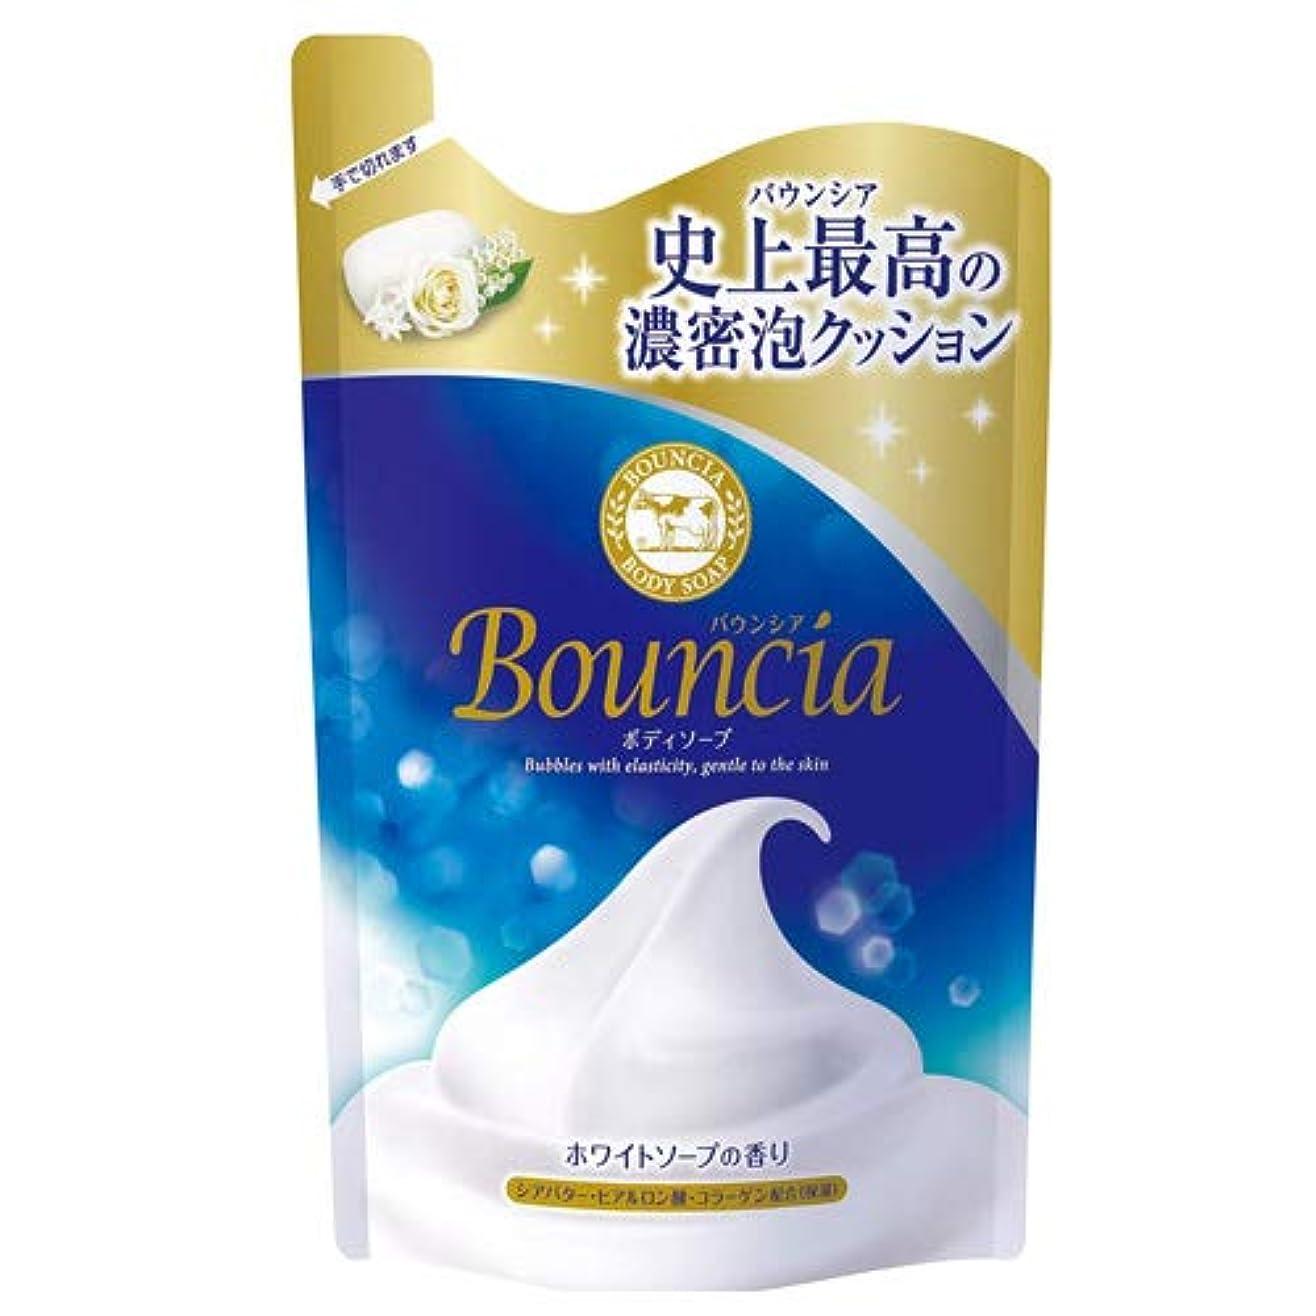 タールマディソン責める牛乳石鹸 バウンシア ボディソープ 詰替用 400ml×4個